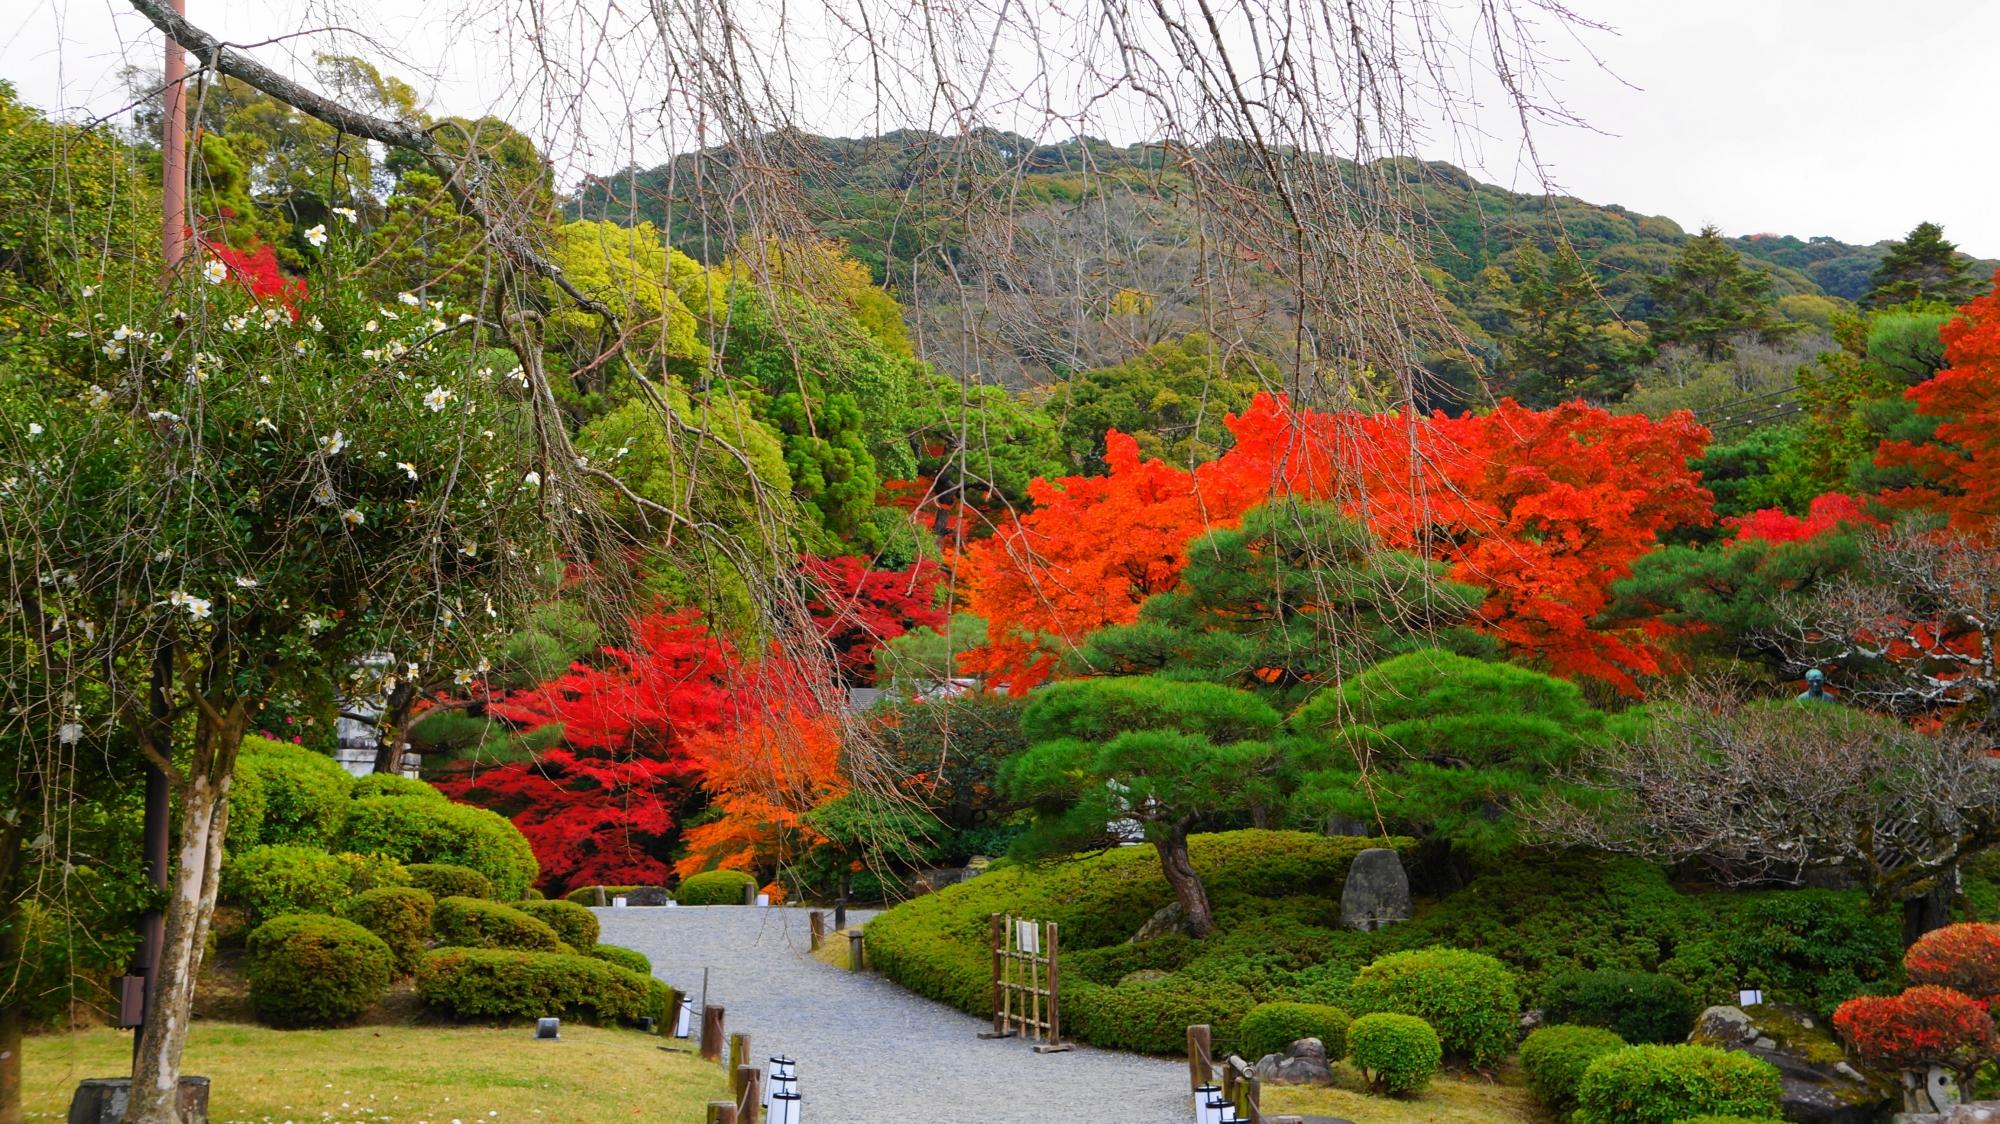 松やサツキの刈り込みなどの多様な緑から溢れ出す友禅苑の紅葉